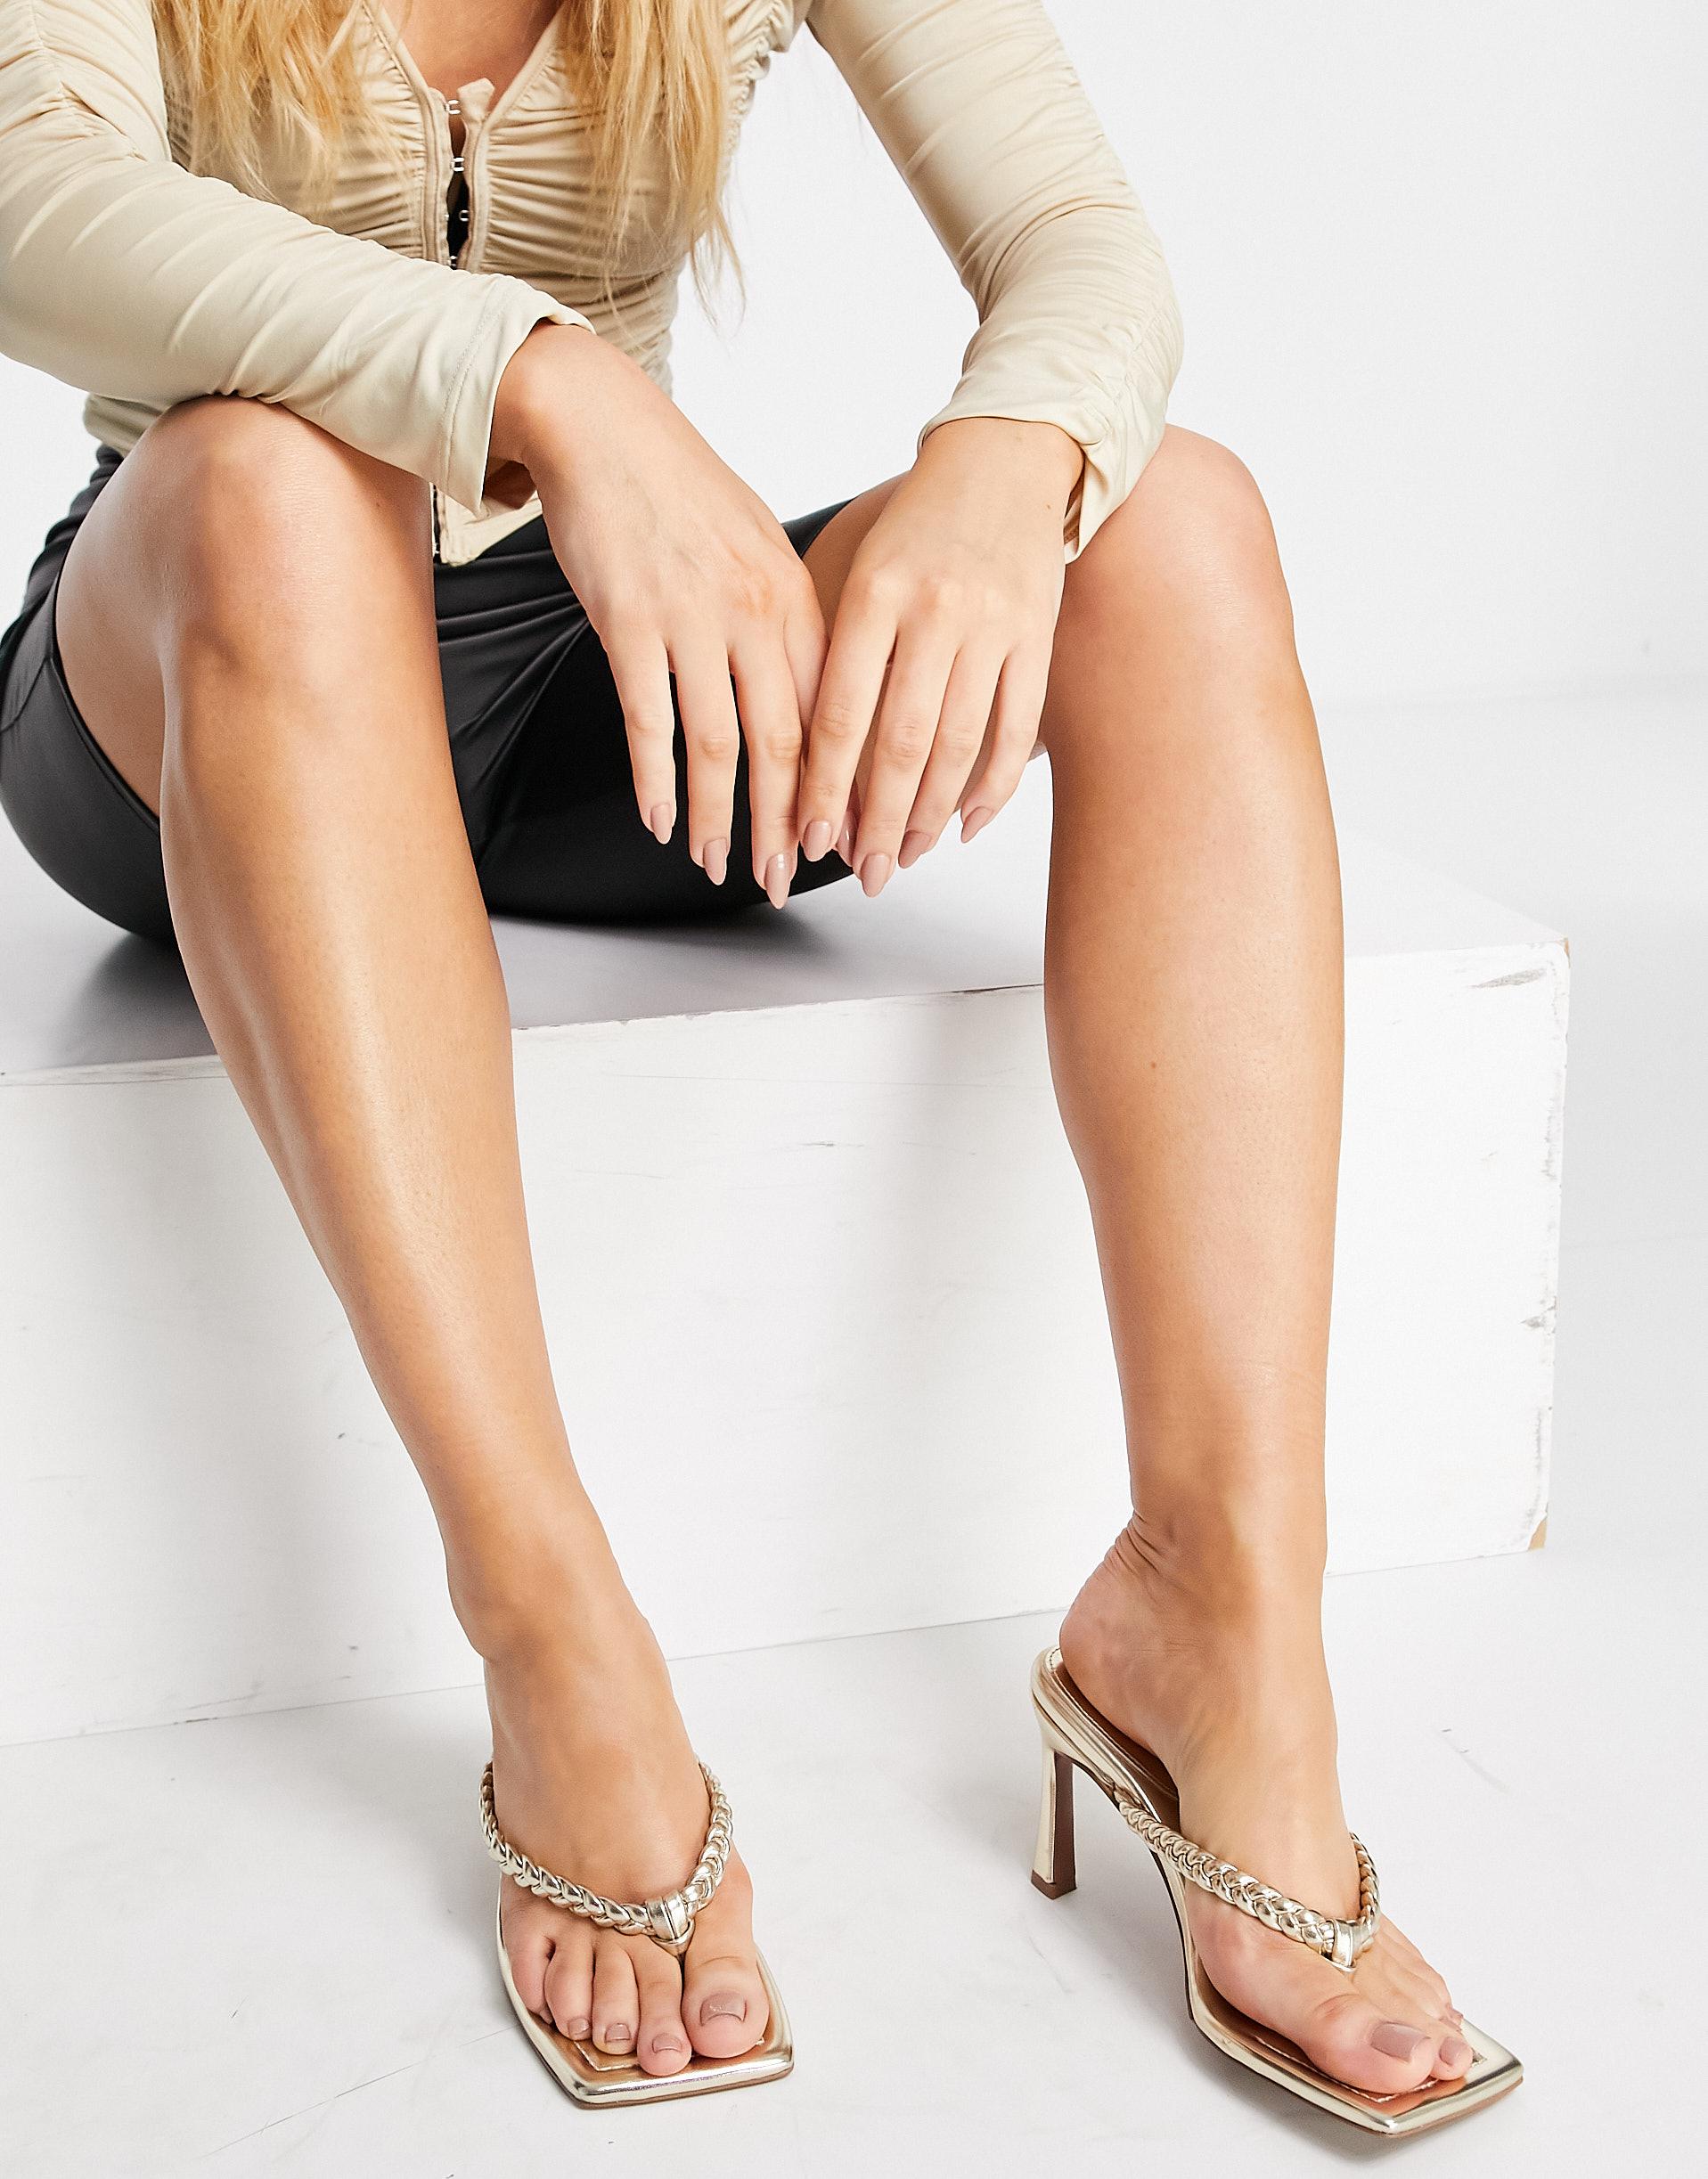 Sandalias doradas de tacón con tira para el dedo